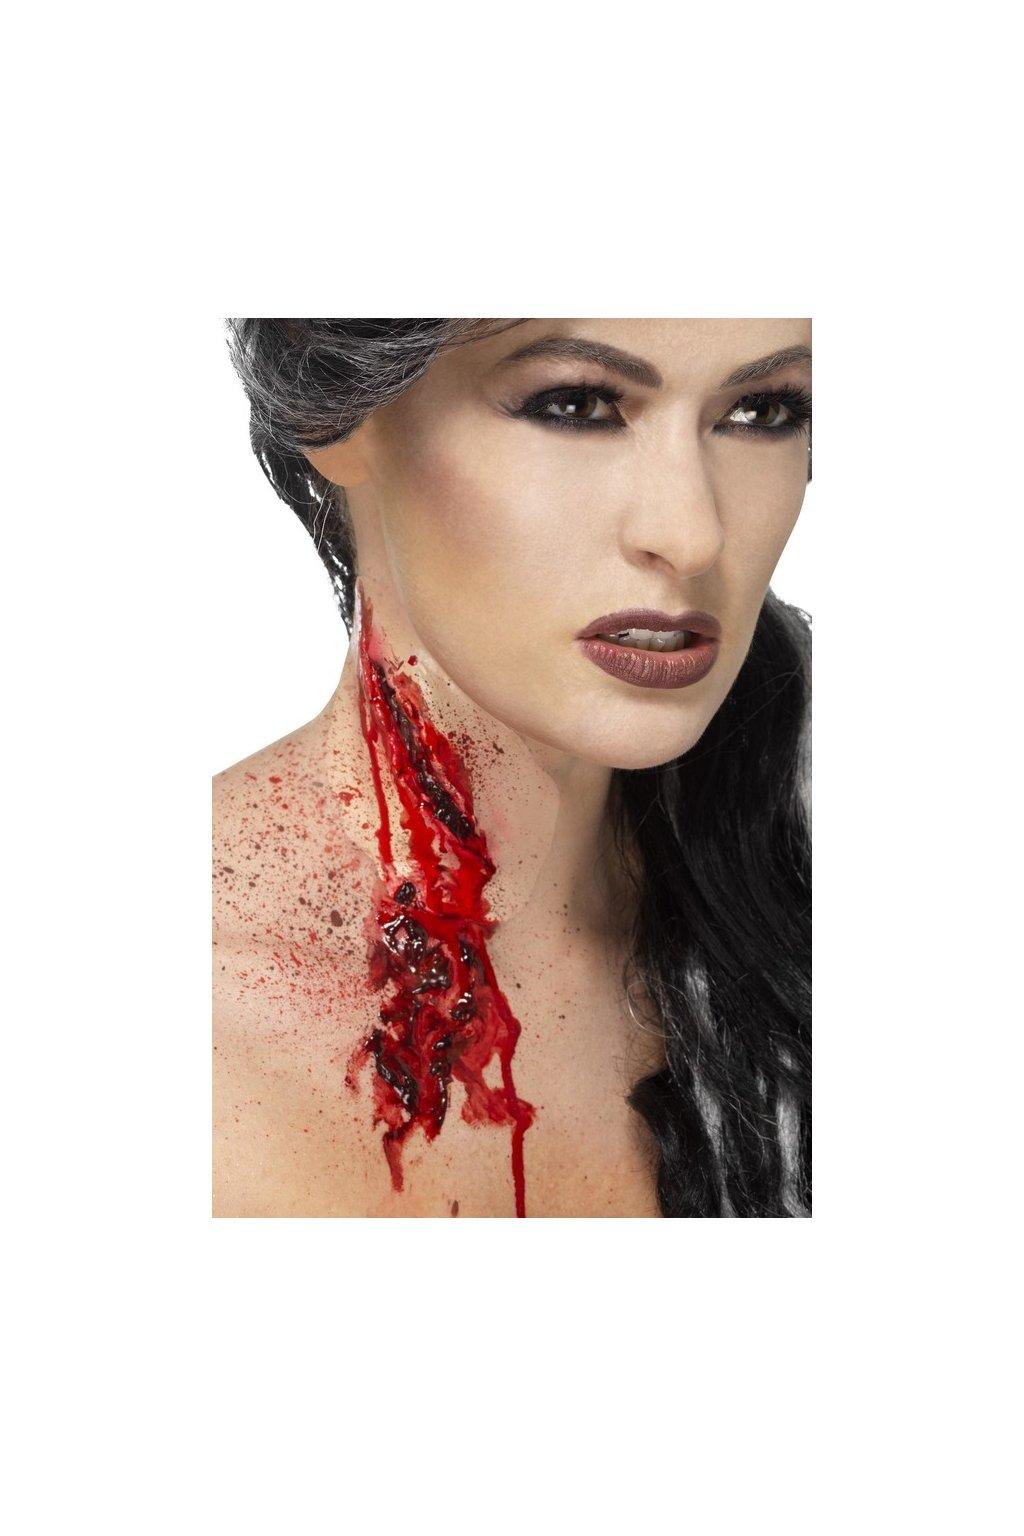 Umělá jizva - podřiznutý krk s umělou krví